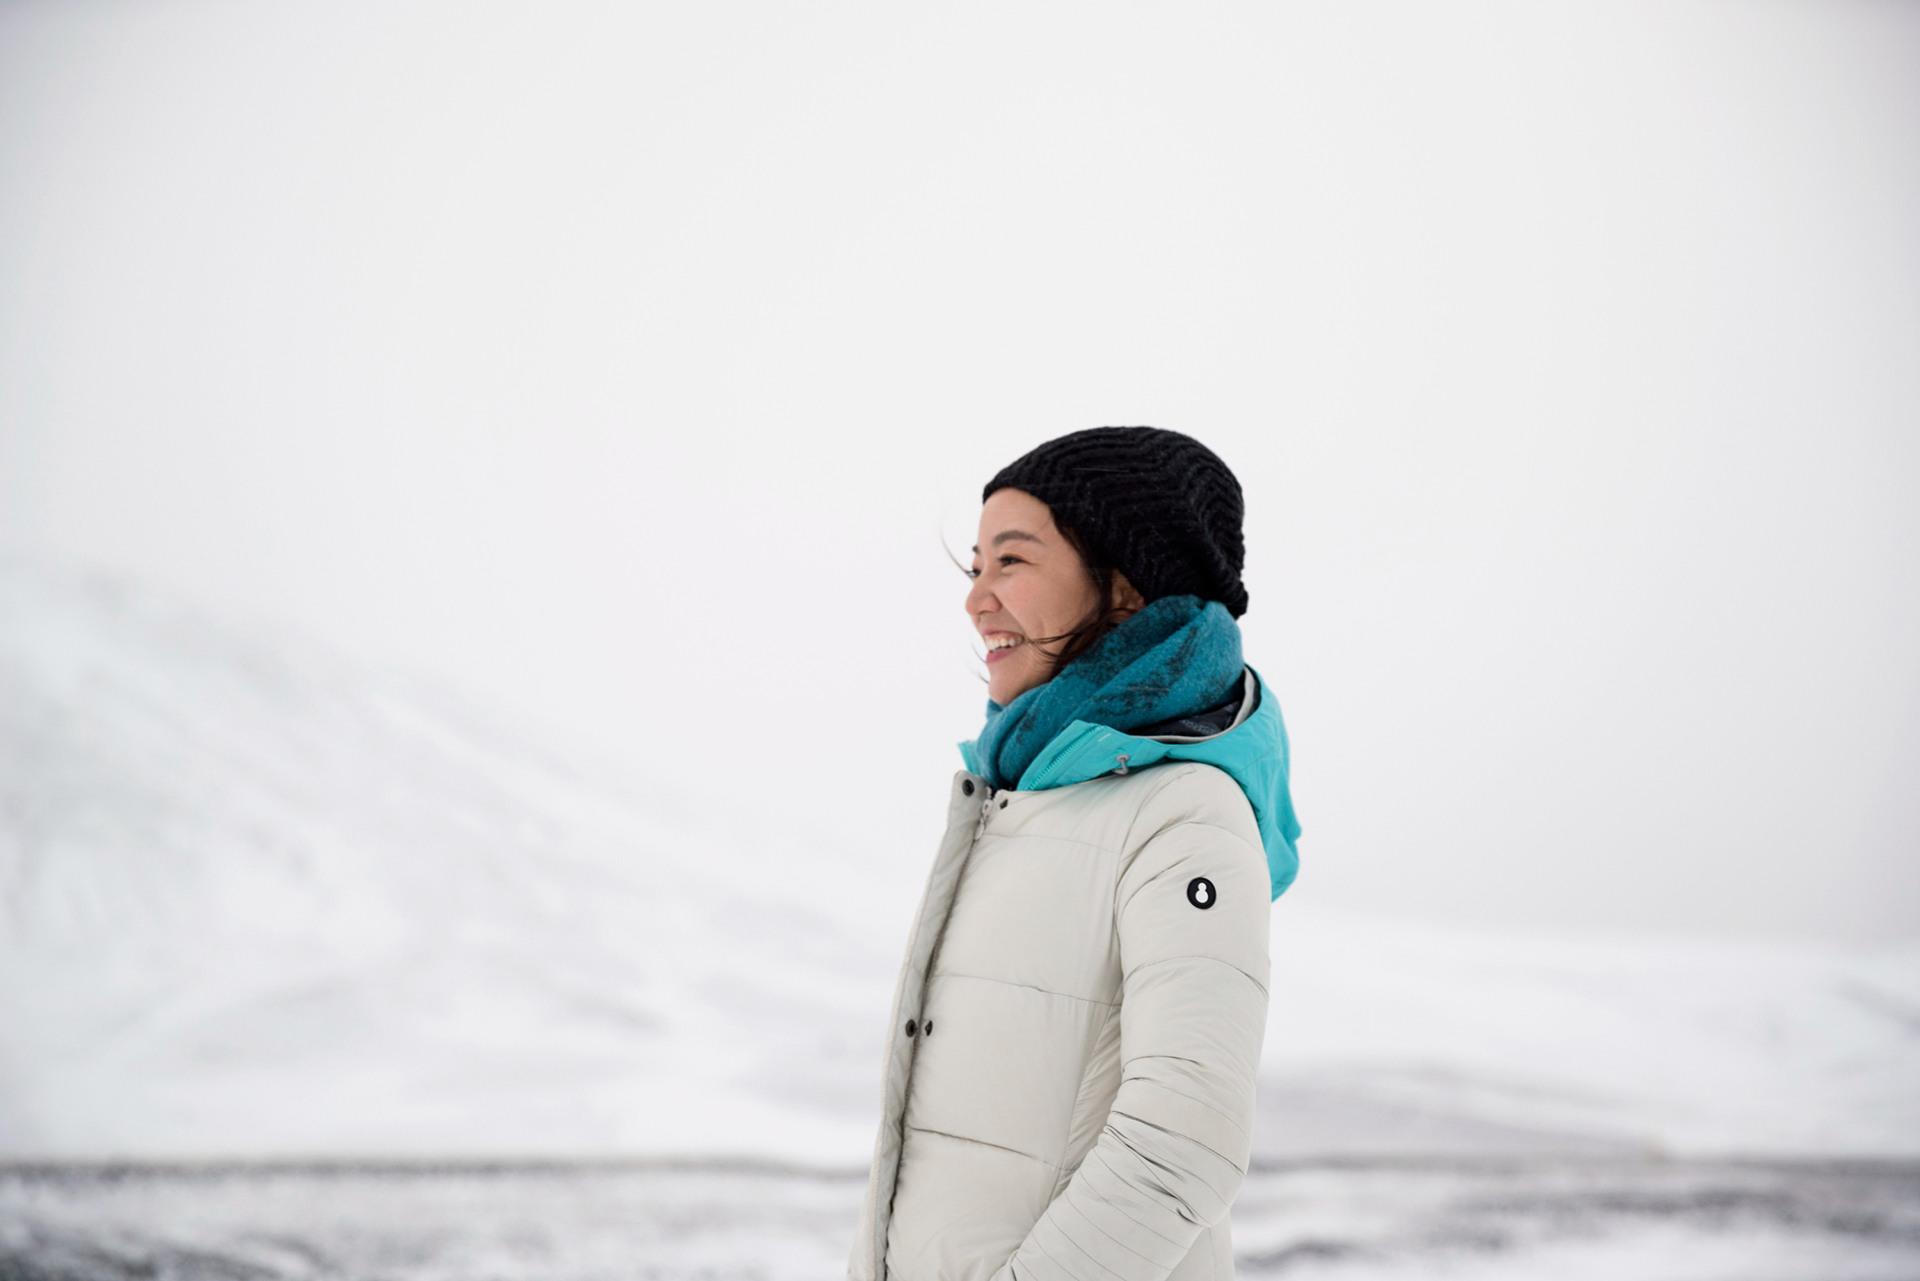 阿雅冰岛徒步 (2).jpg